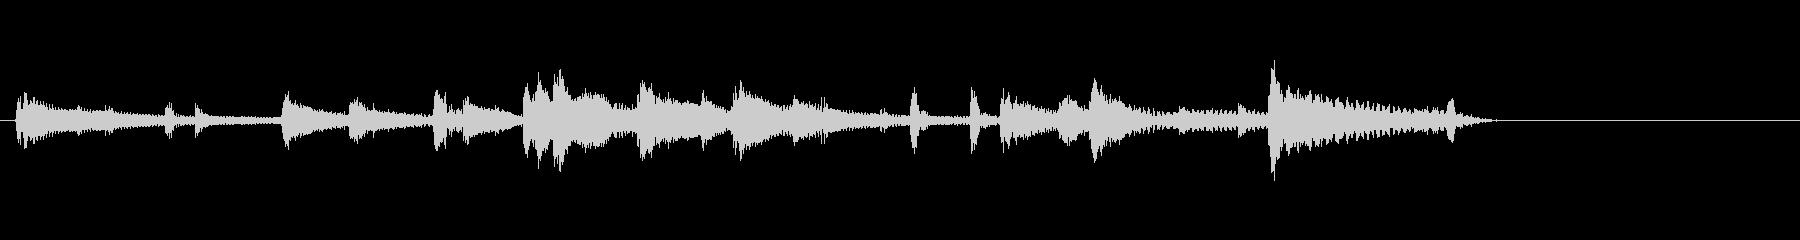 ジャズジングル出囃子音源の未再生の波形